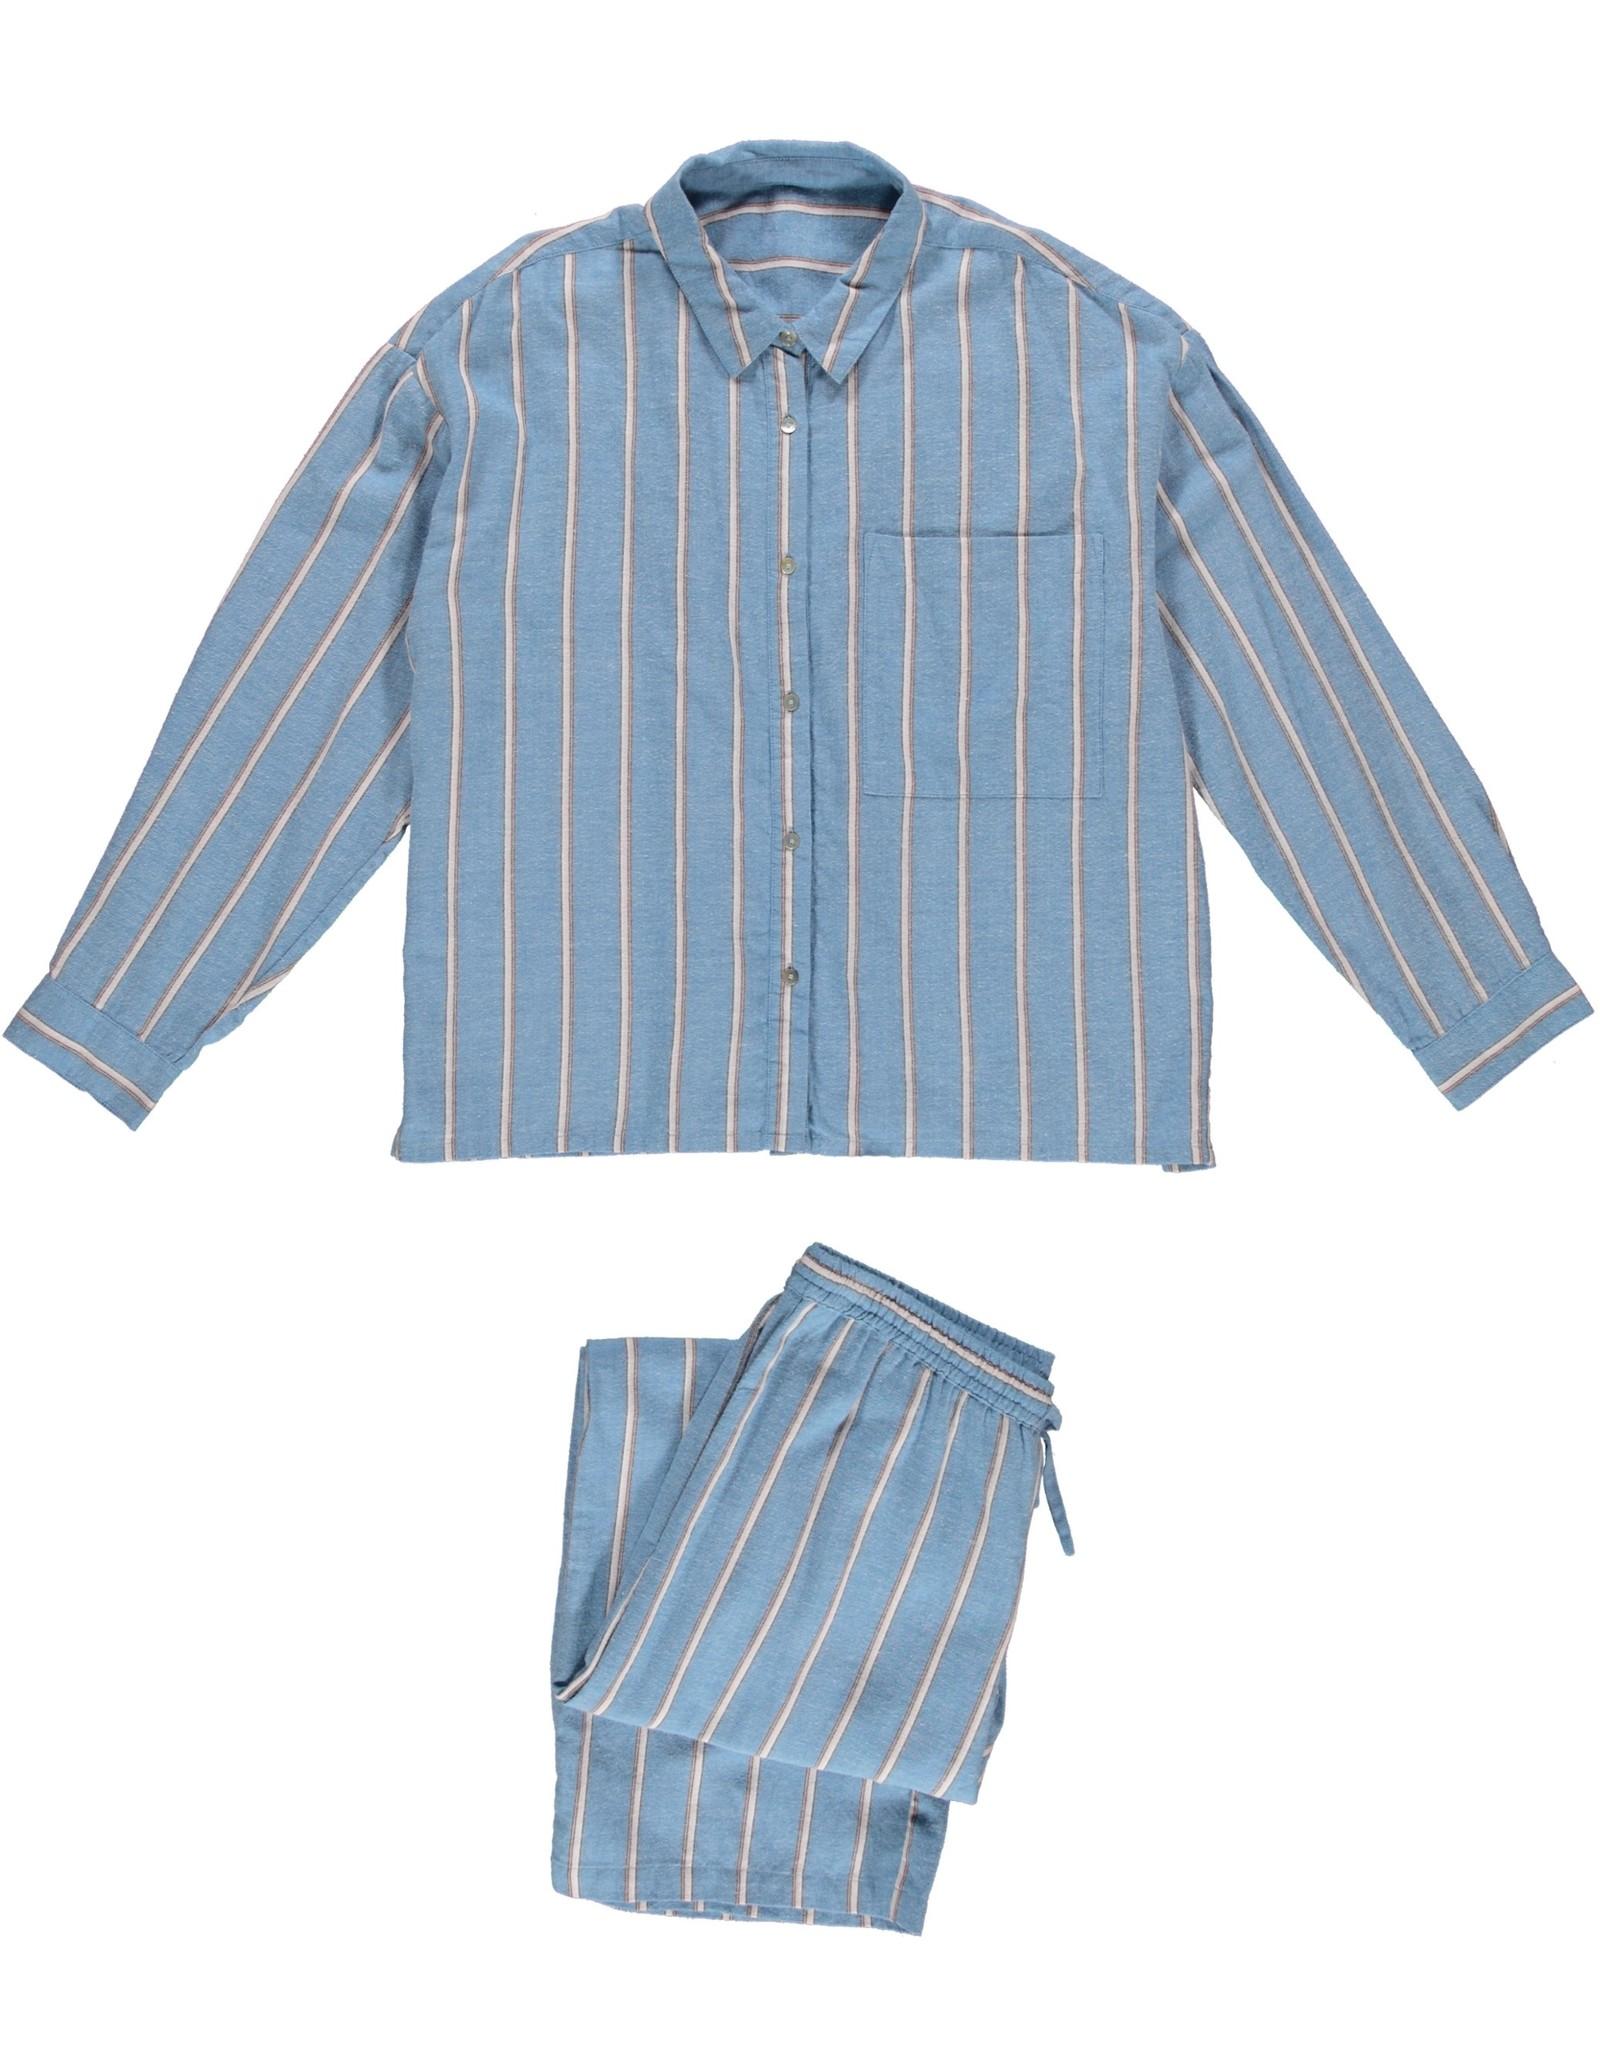 Dorélit Filia + Alkes   Pajama Set Woven   Stripe Blue